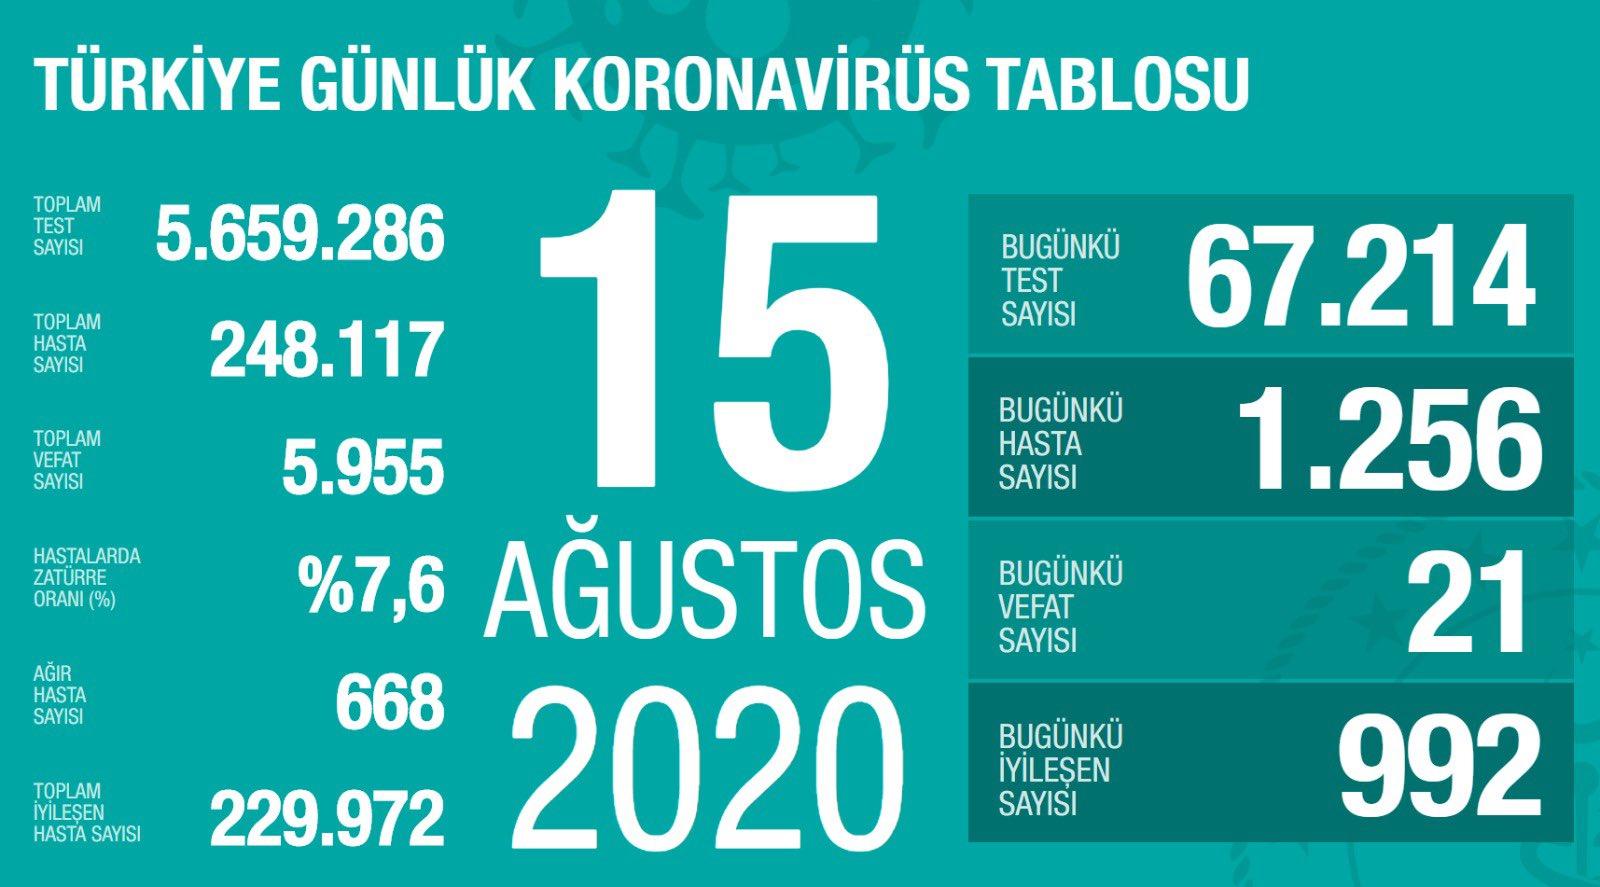 15 Ağustos Türkiye Koronavirüs Tablosu Açıkladı